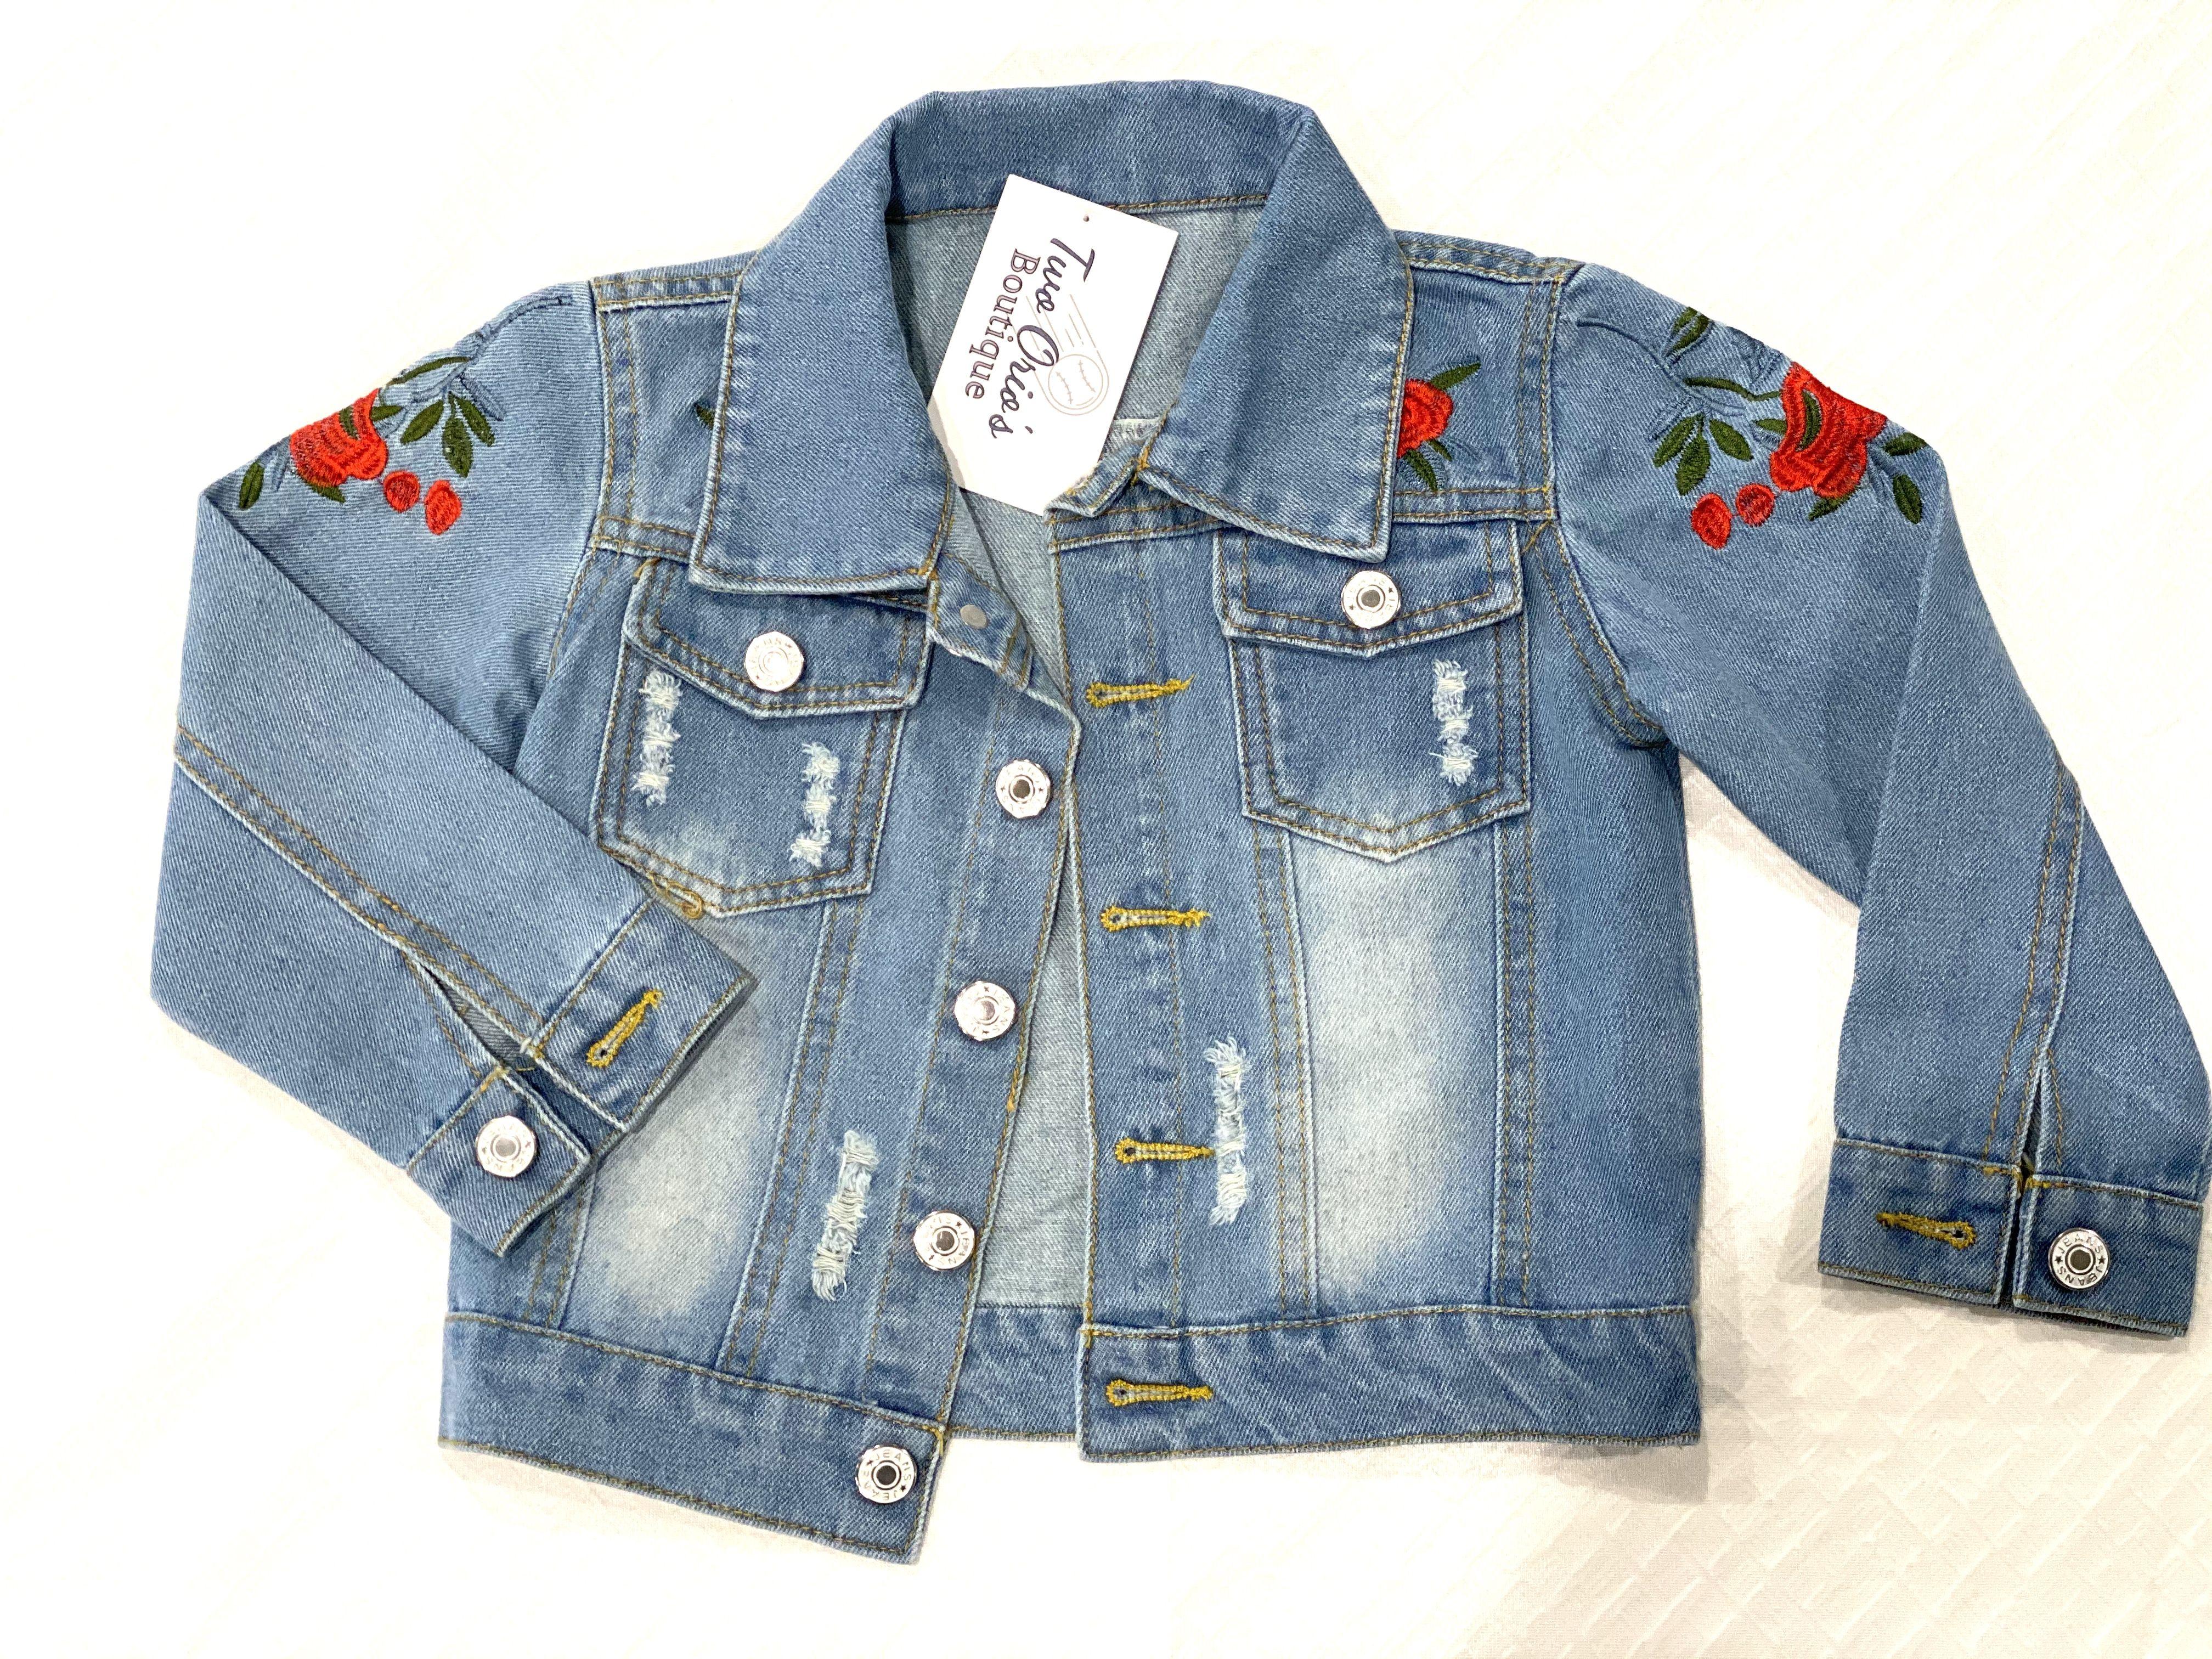 Ella Rose Jean Jacket Jean Jacket For Girls Rose Embroidered Jeans Embroidered Jean Jacket [ 3024 x 4032 Pixel ]